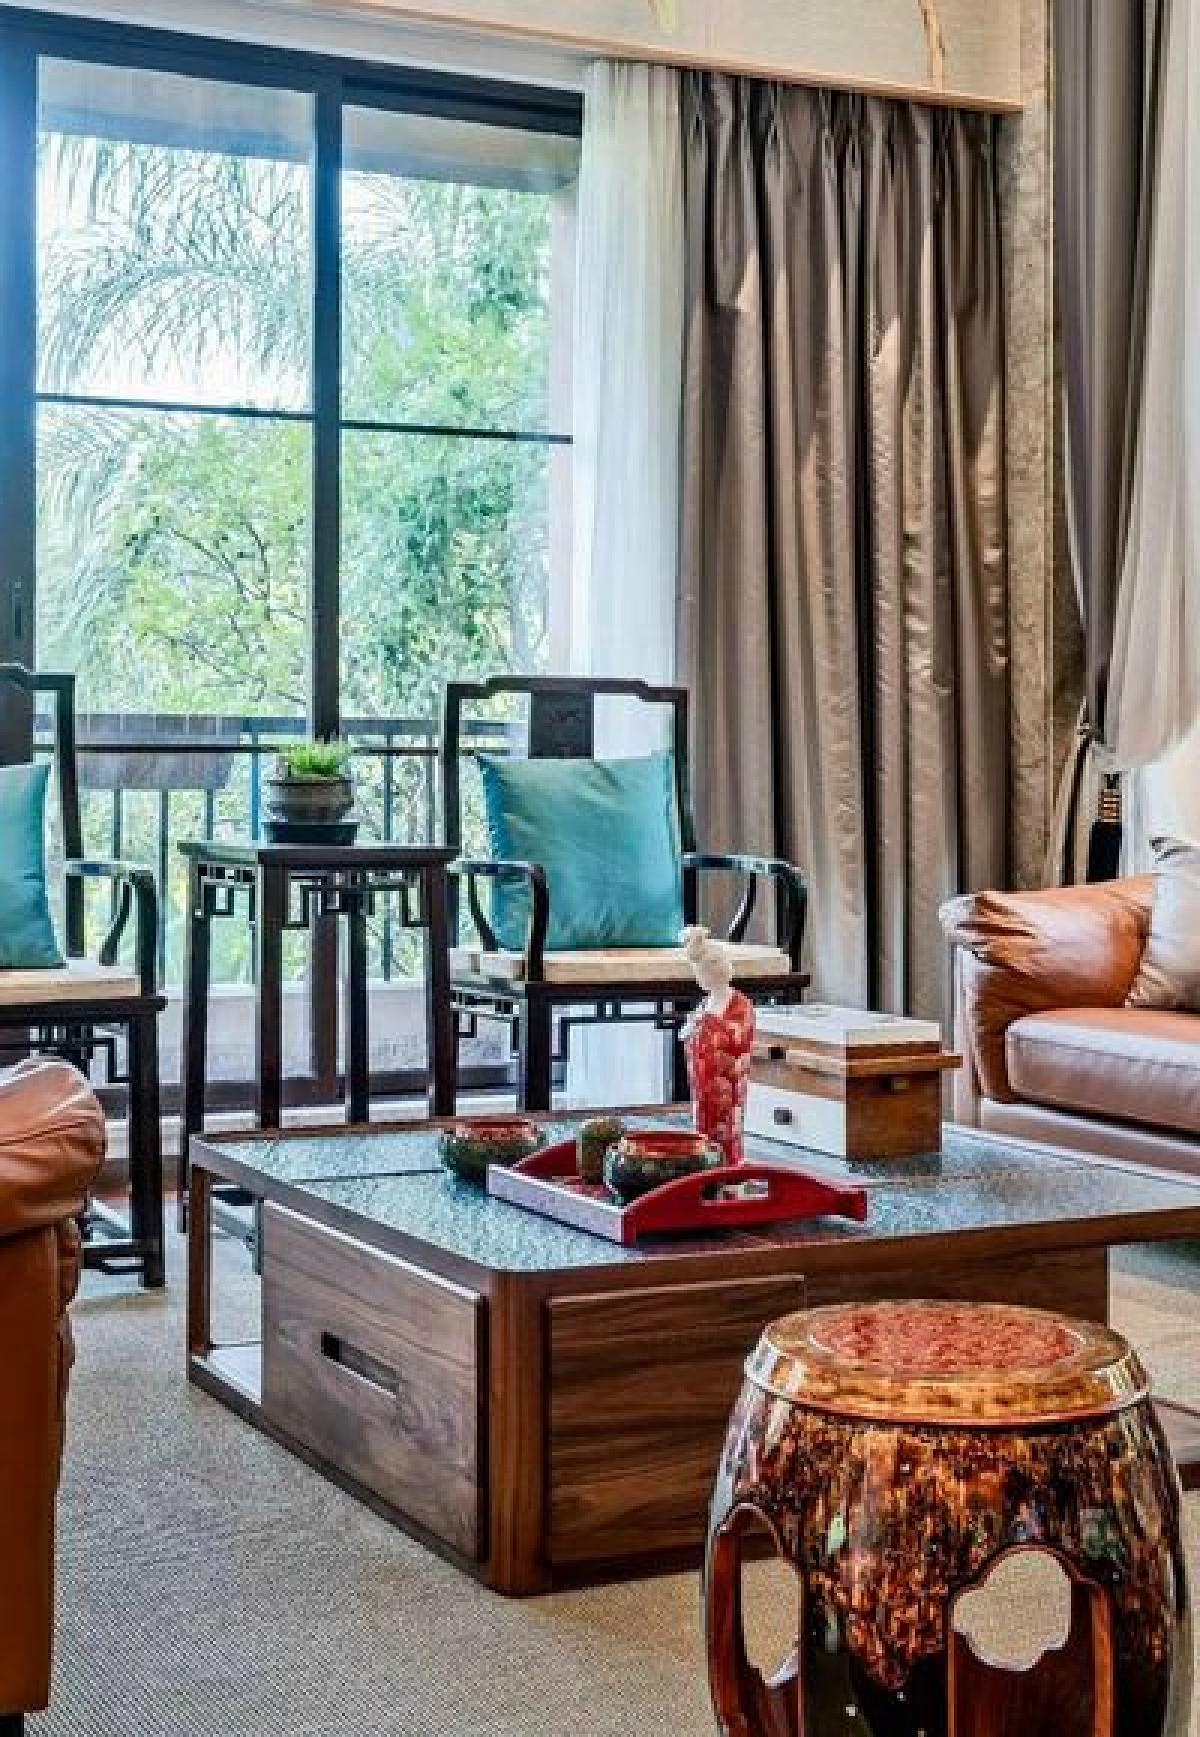 茶室成套的大漆家具来自福建漆艺家陈杰,红与黑,放与收,婉转绮丽,凝集了居住者个人的文化修养和审美趣味,让空间流淌出无限深邃、幽远的中式意境。